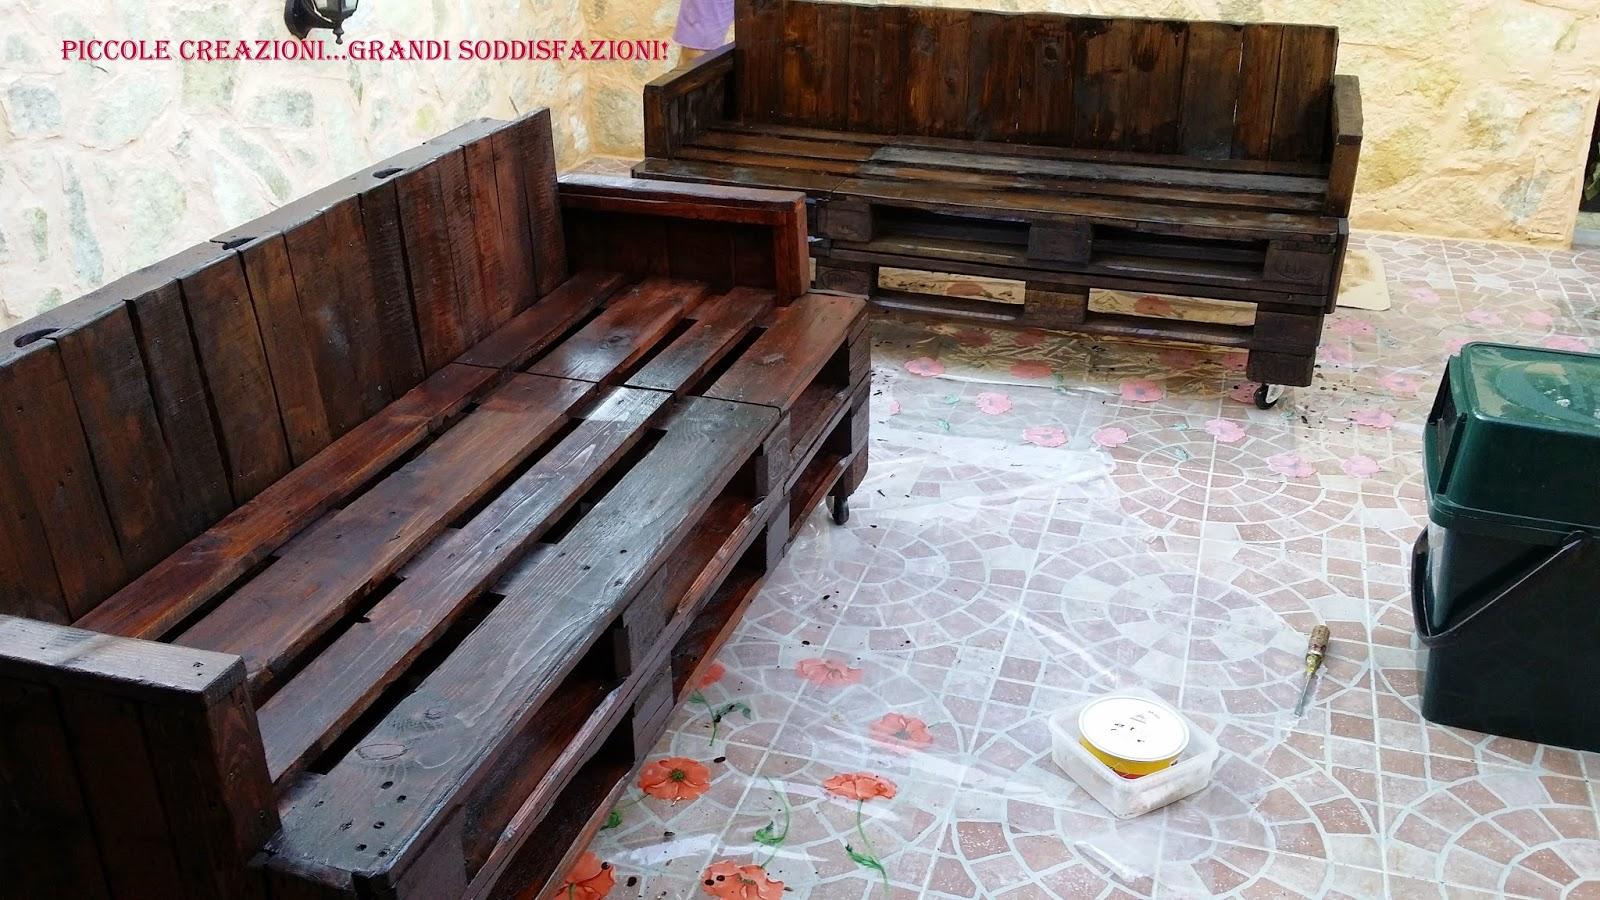 Favorito panche da giardino con pedane epal fatte in casa mobili fai da te  ED34